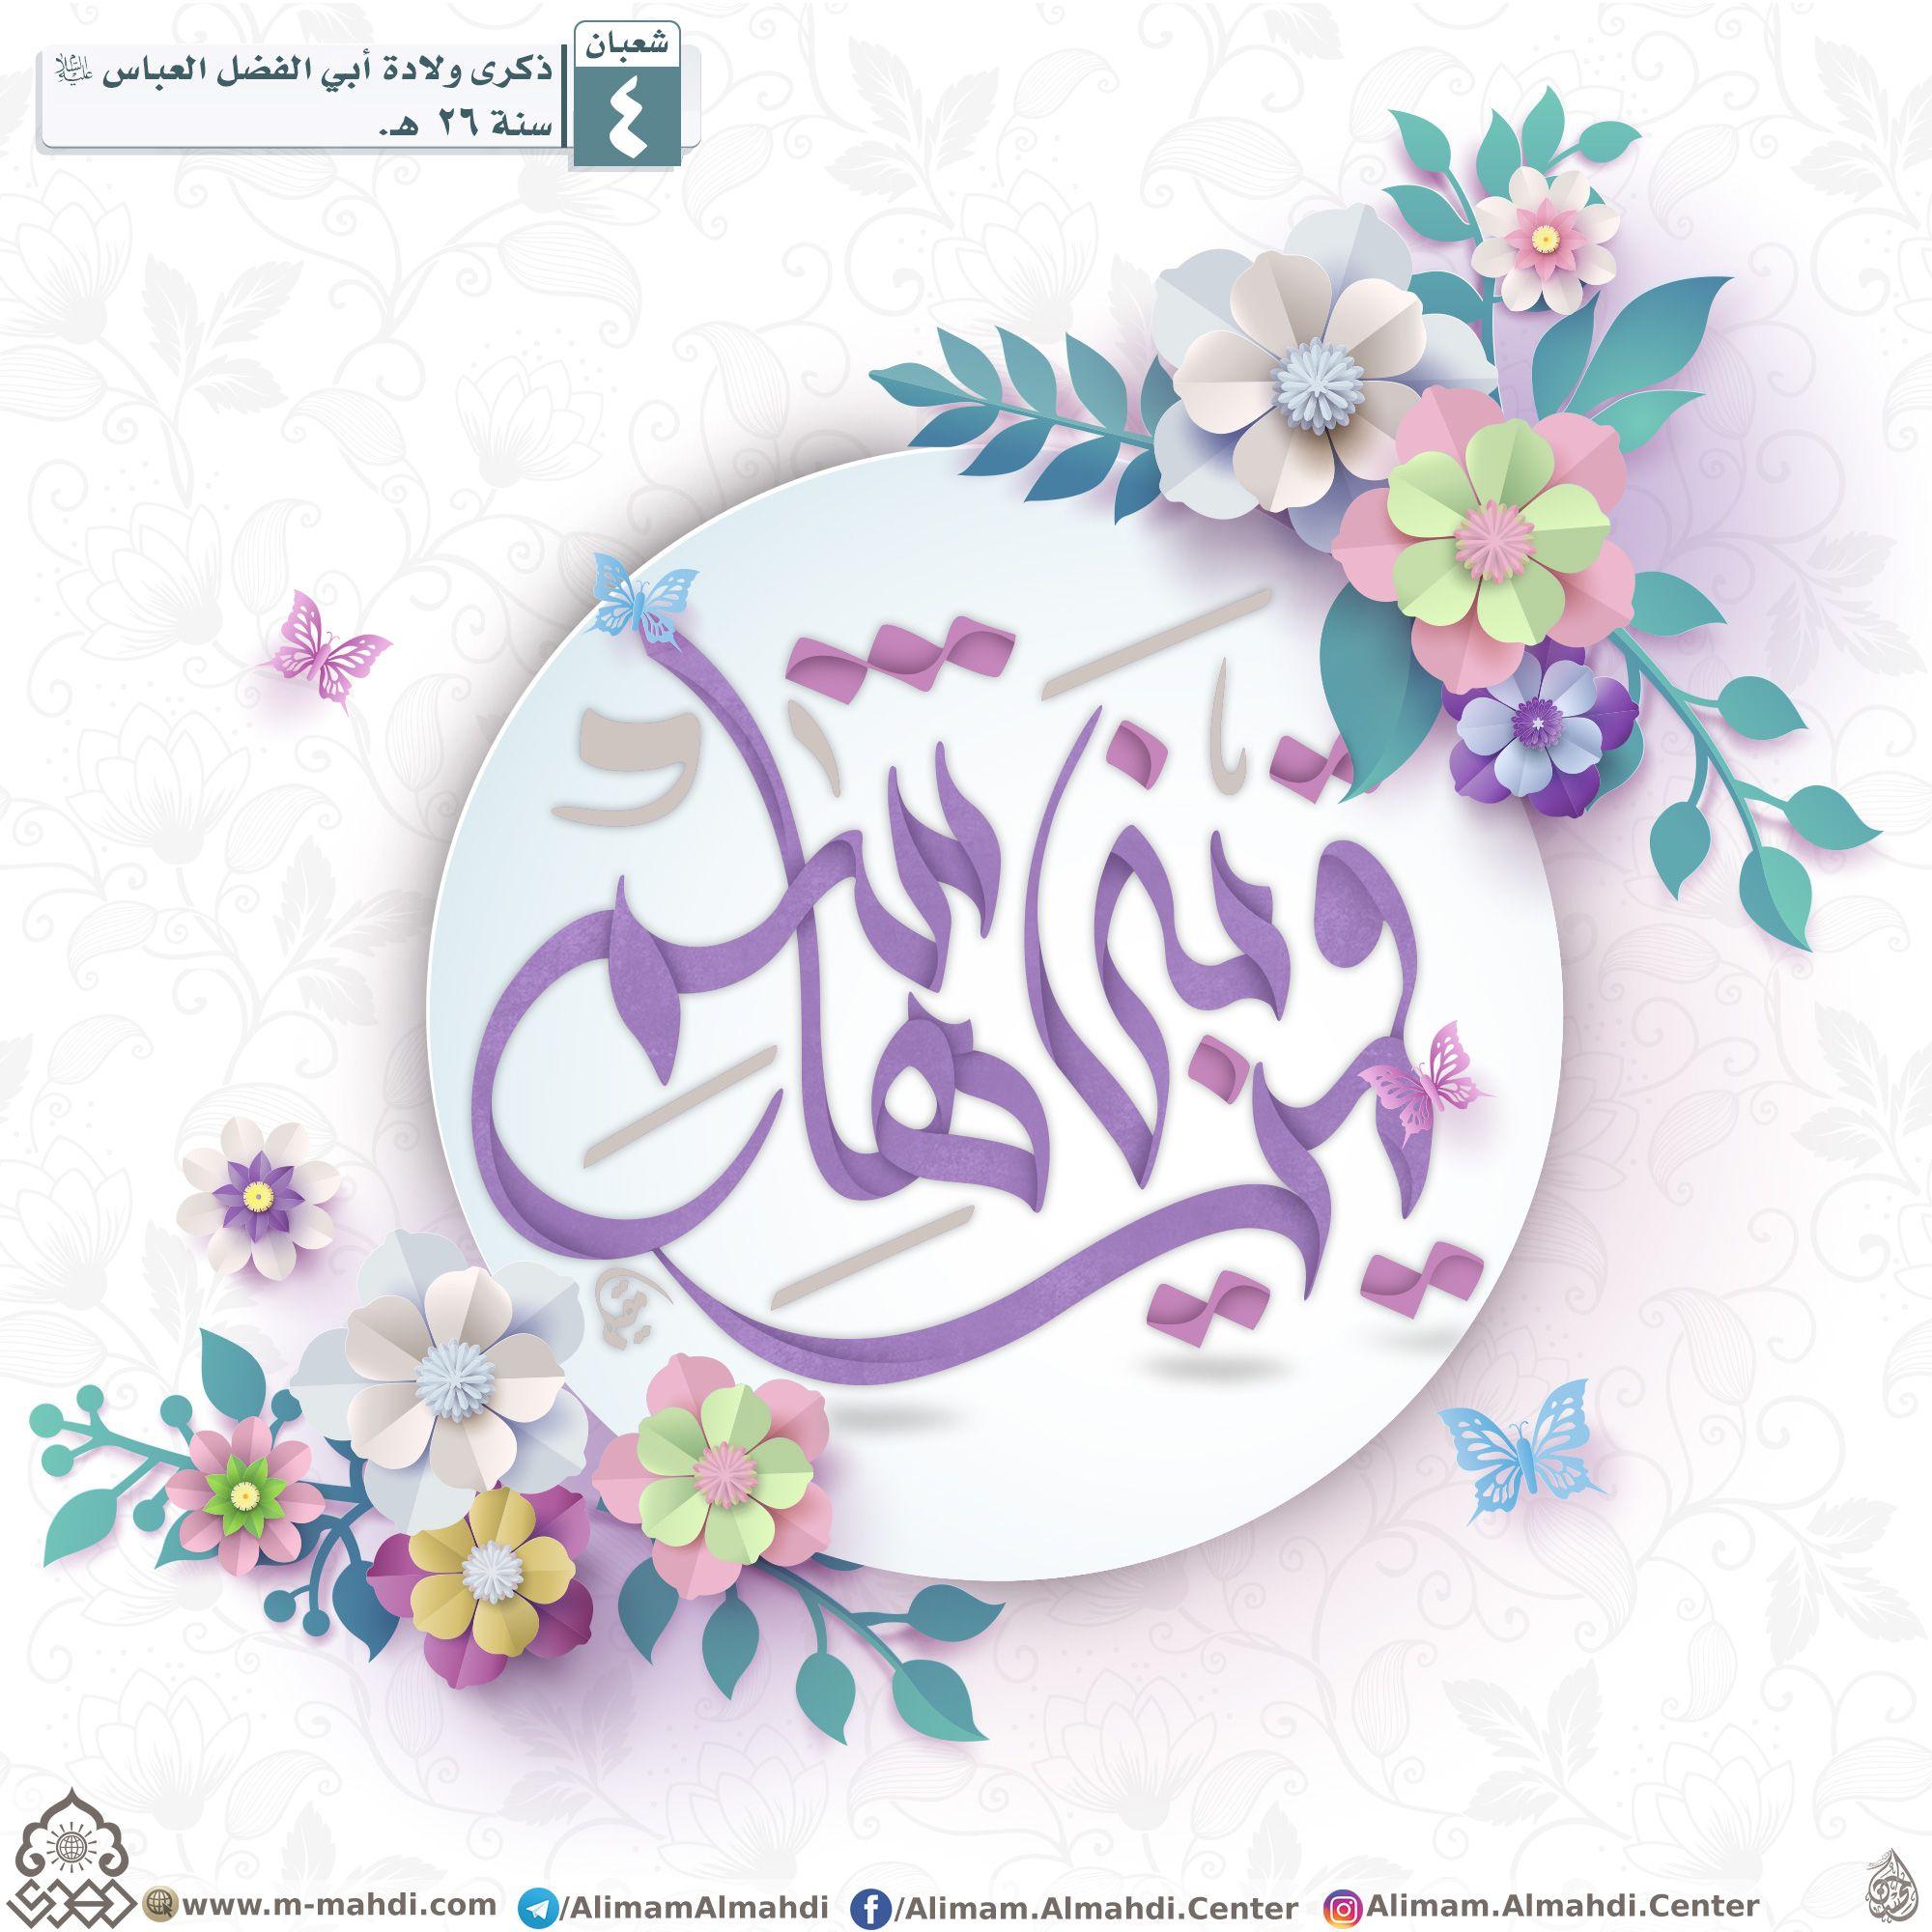 حدث في مثل هذا اليوم Islamic Wallpaper Islamic Art Illustration Design